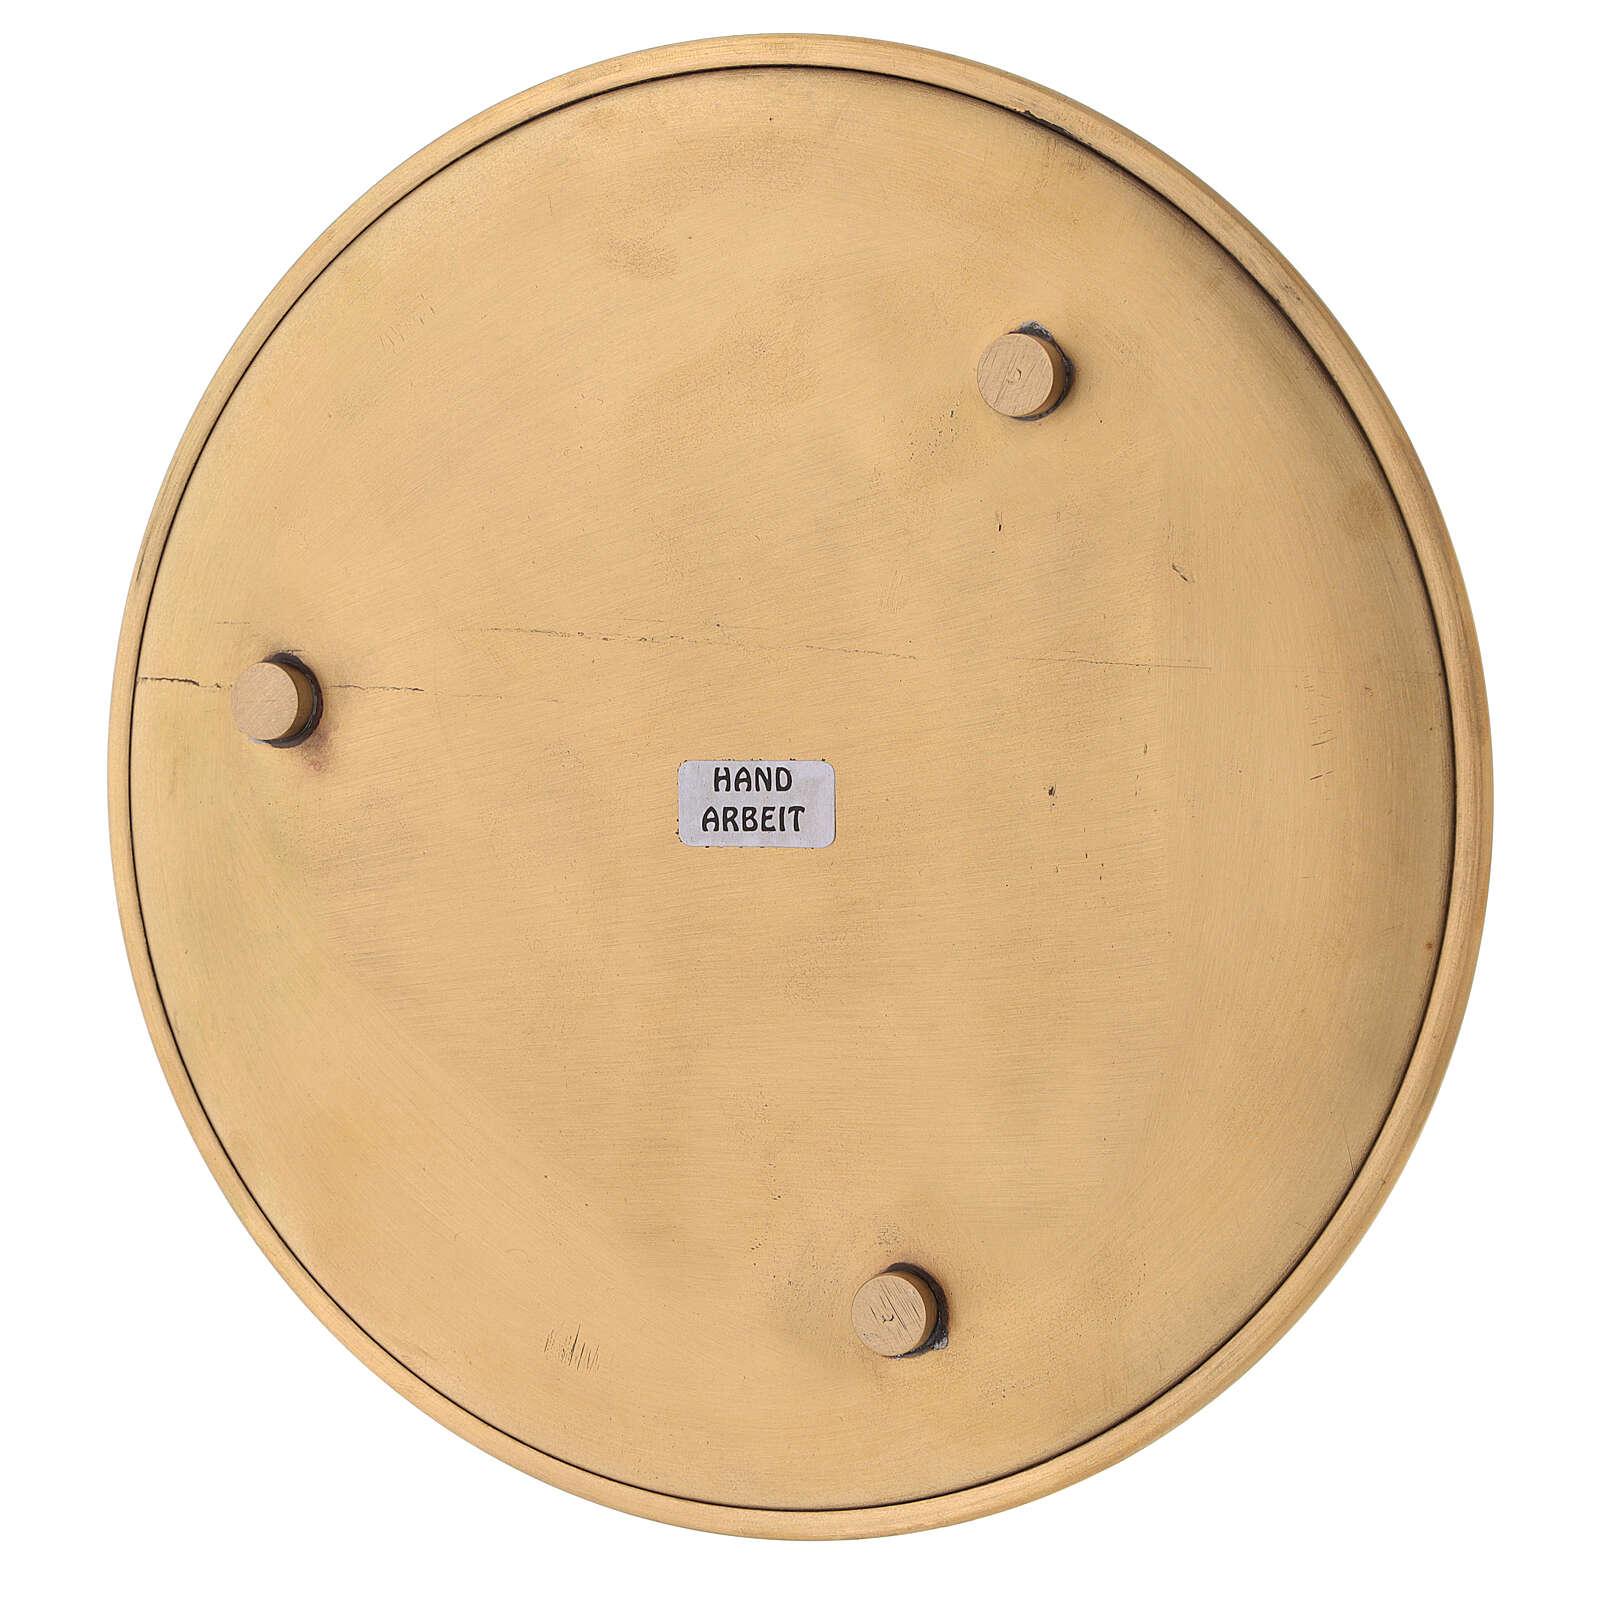 Plato para vela latón dorado lúcido diámetro 17 cm 3